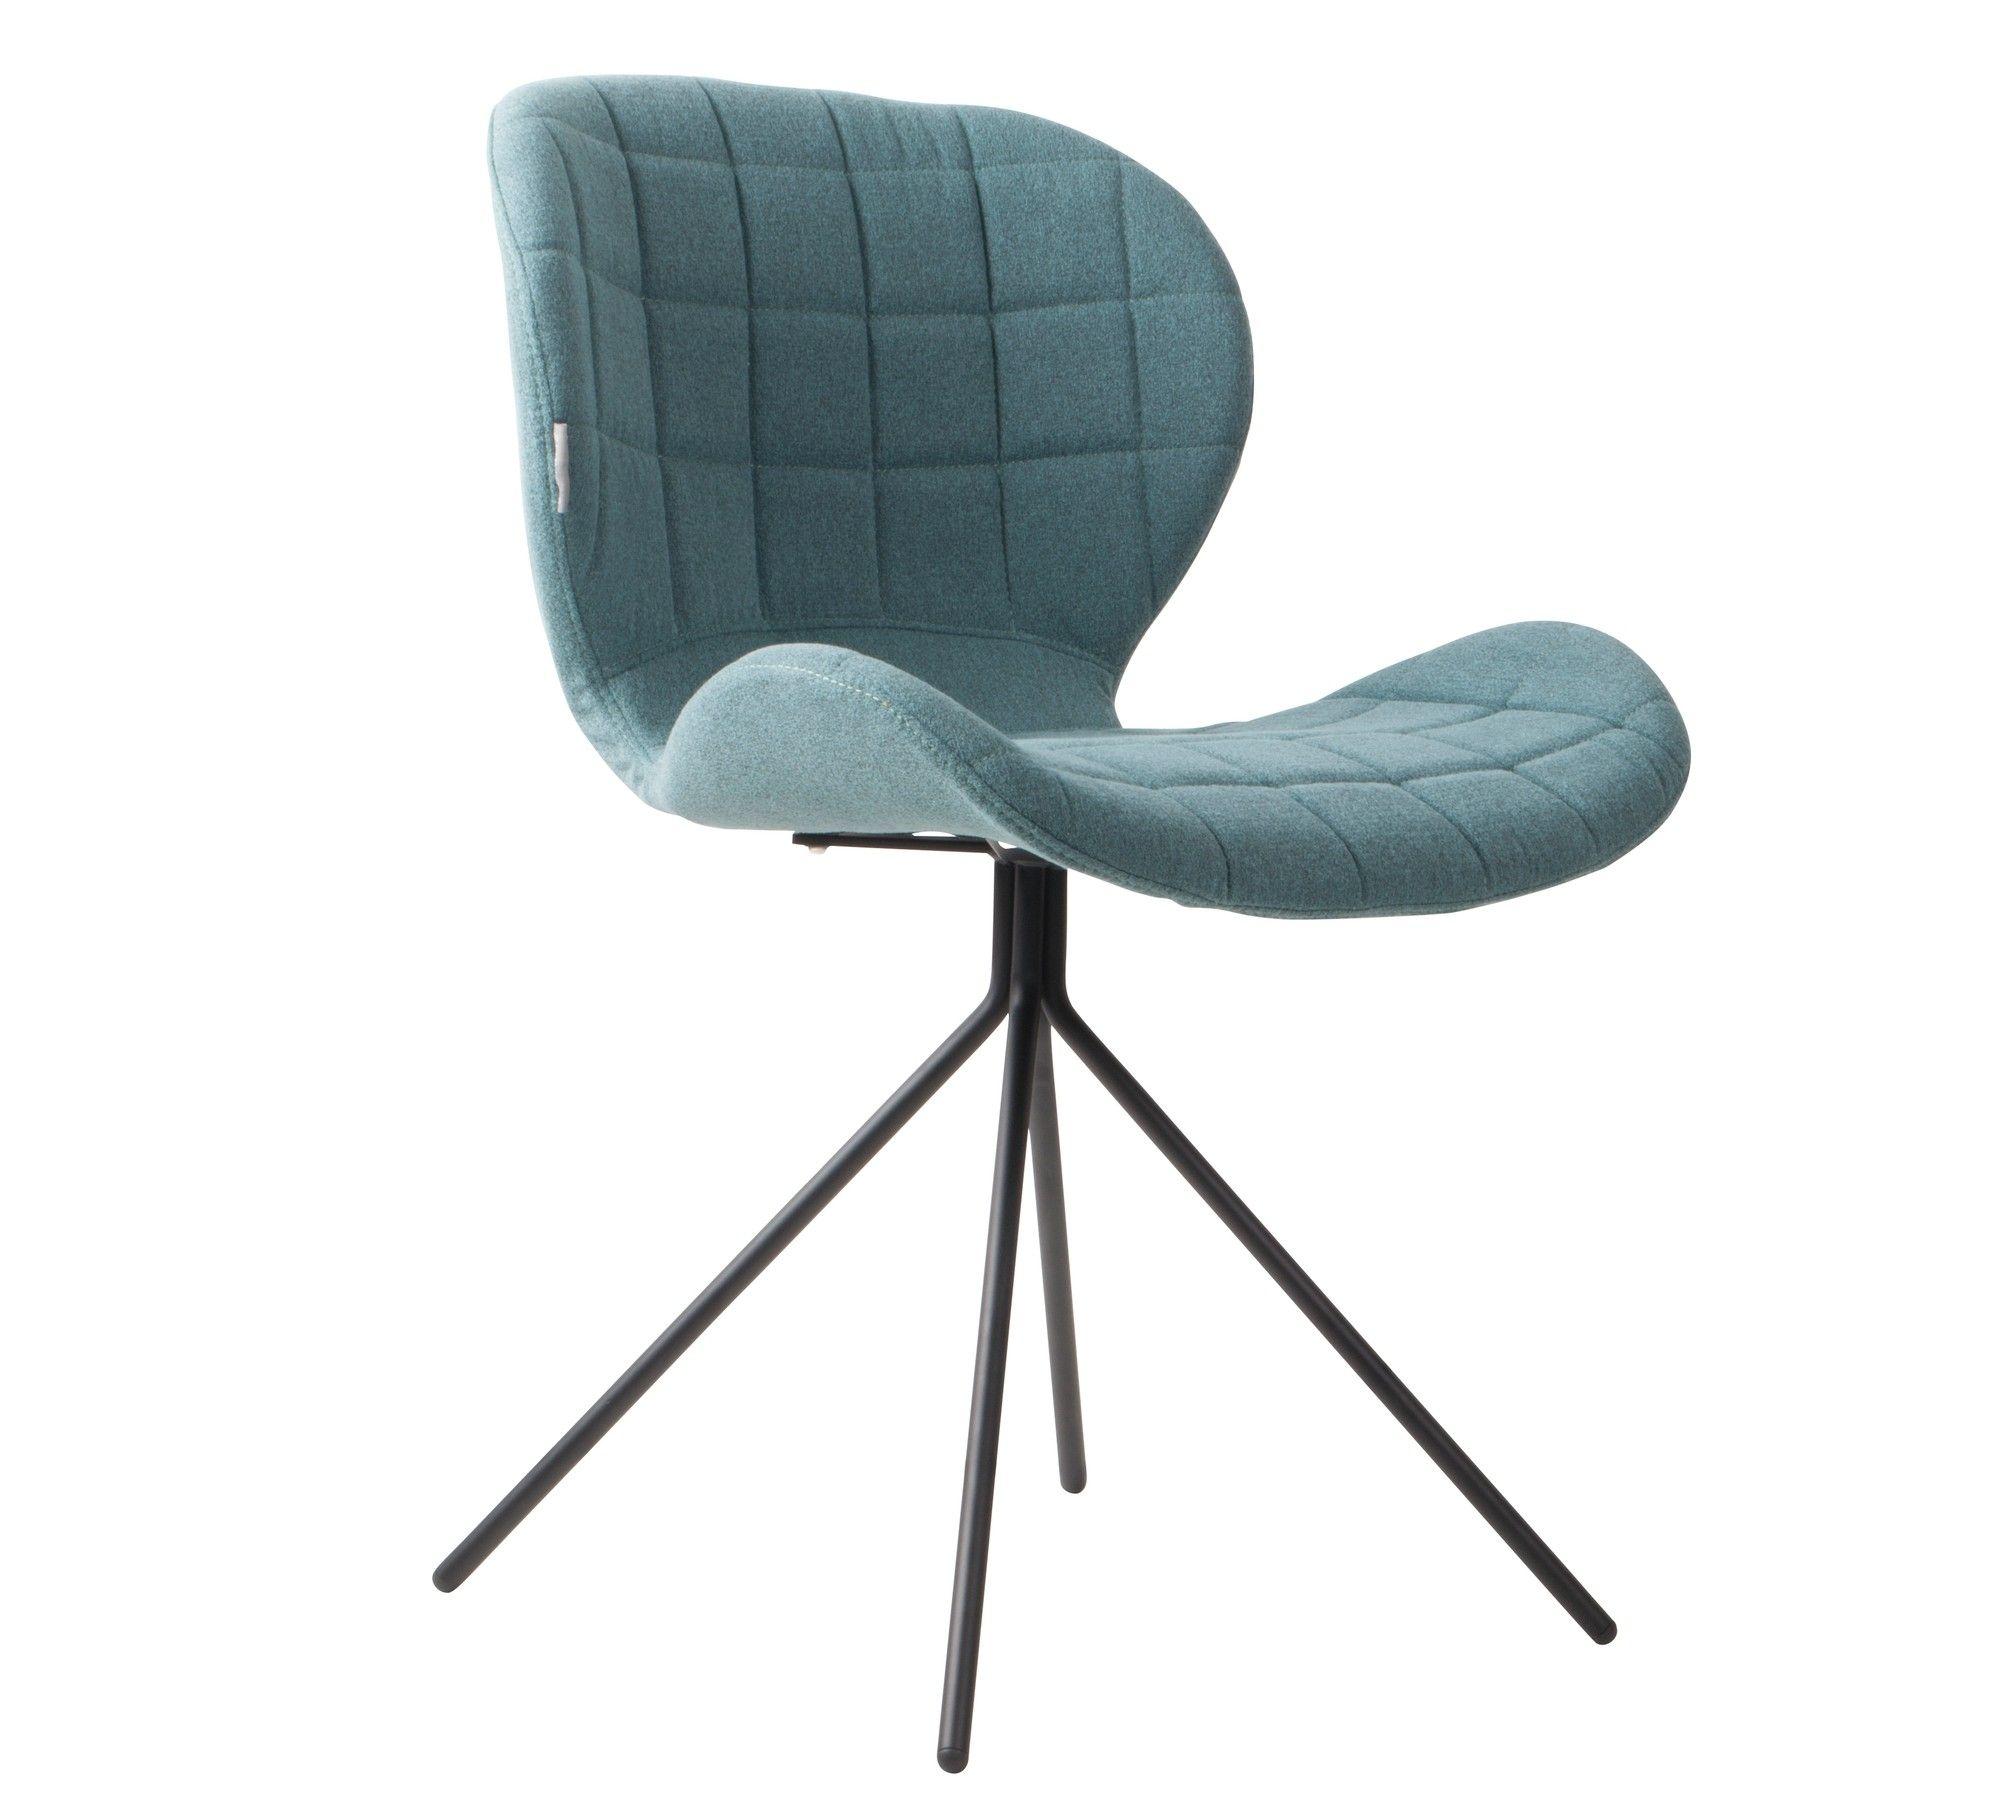 24h Krzeslo Omg Annandale Niebieskie Zuiver Krzesla Meble I Pomysly Na Umeblowanie